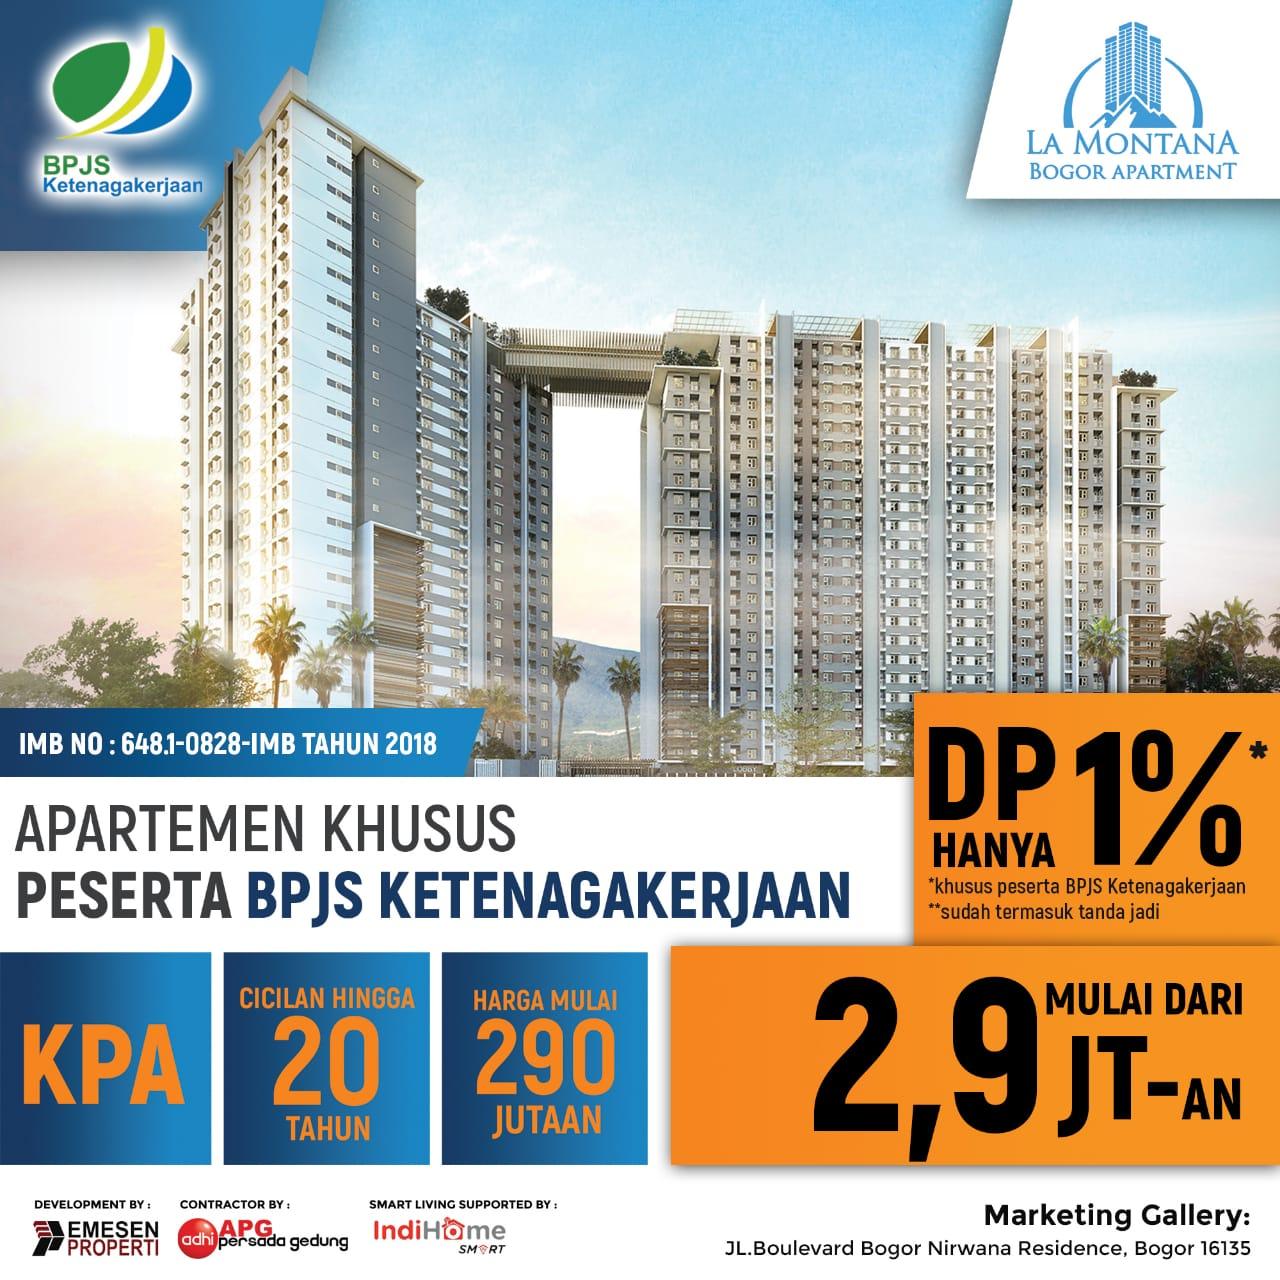 Program DP 1 Persen Apartemen La Montana Bogor